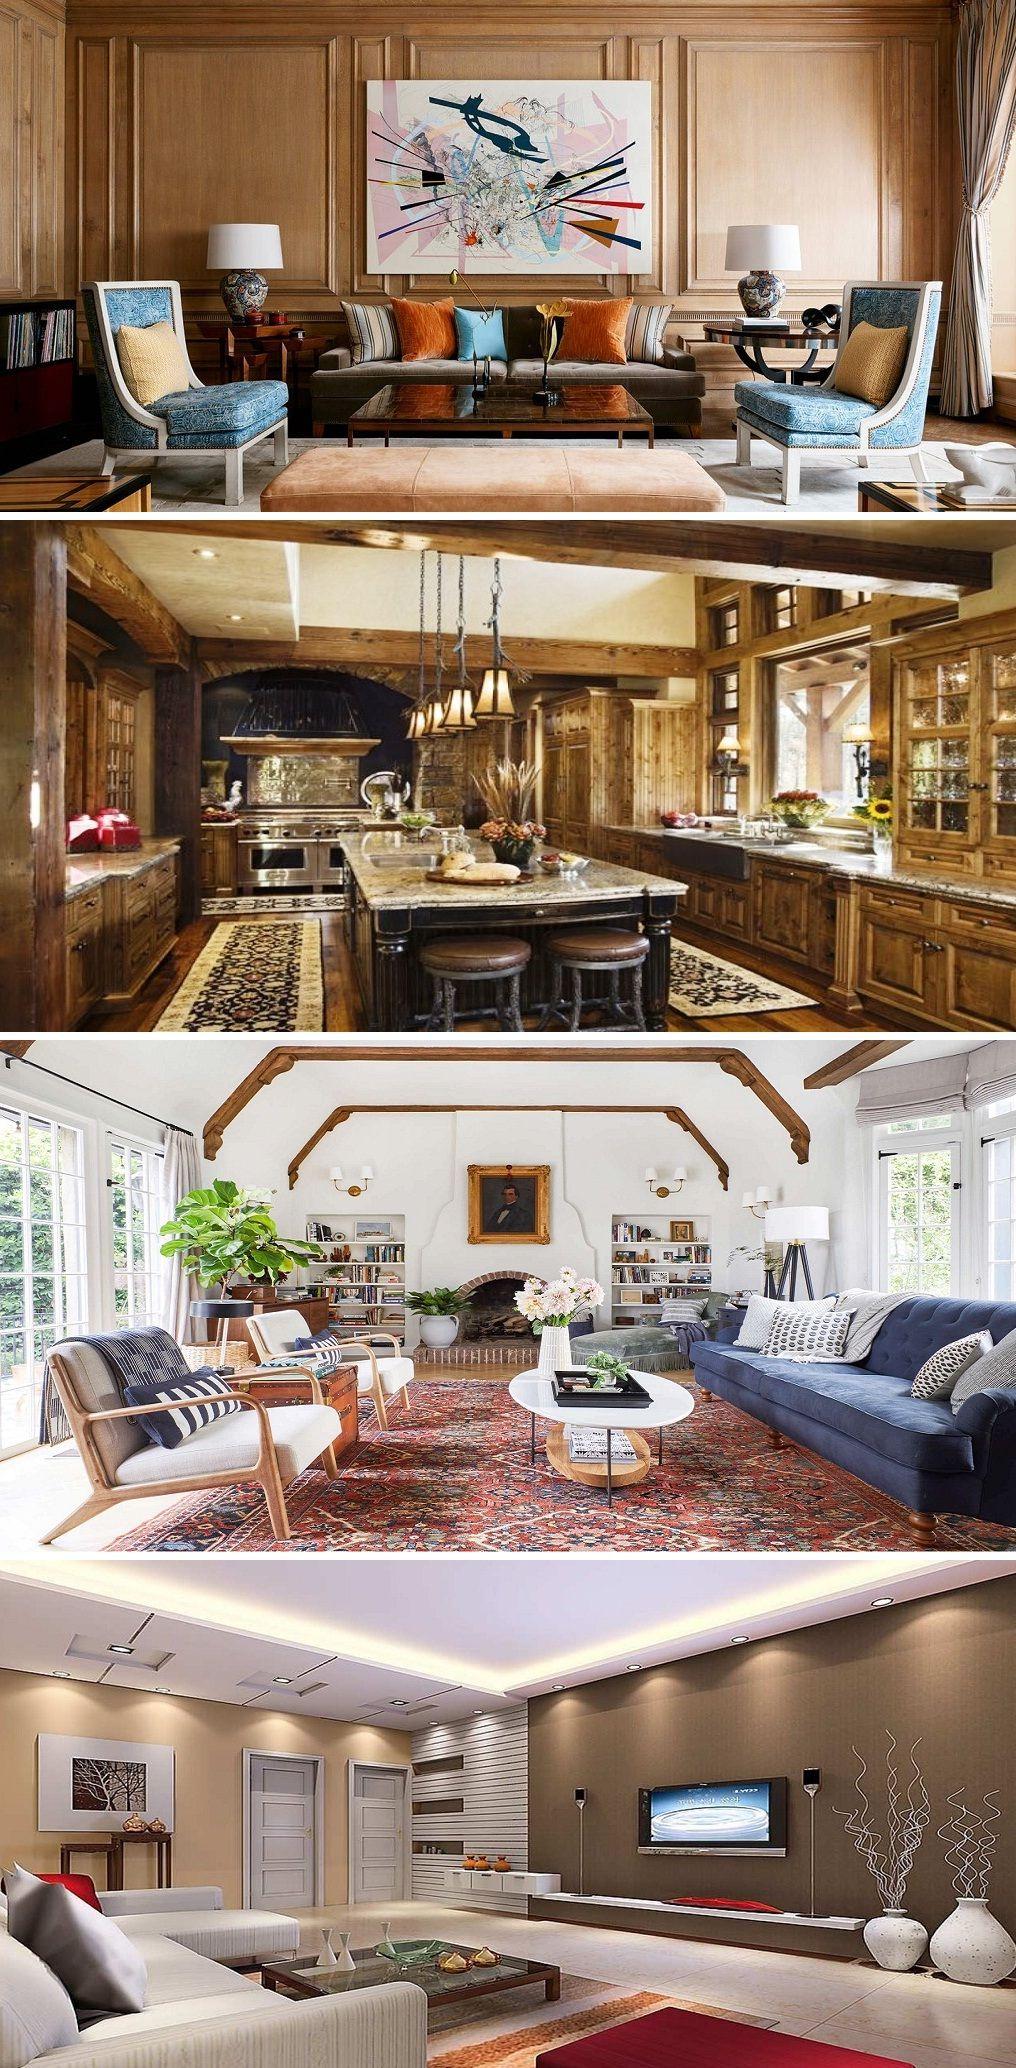 Latest Home Decorating Trends Designs And Ideas 2019 Decor Decoração